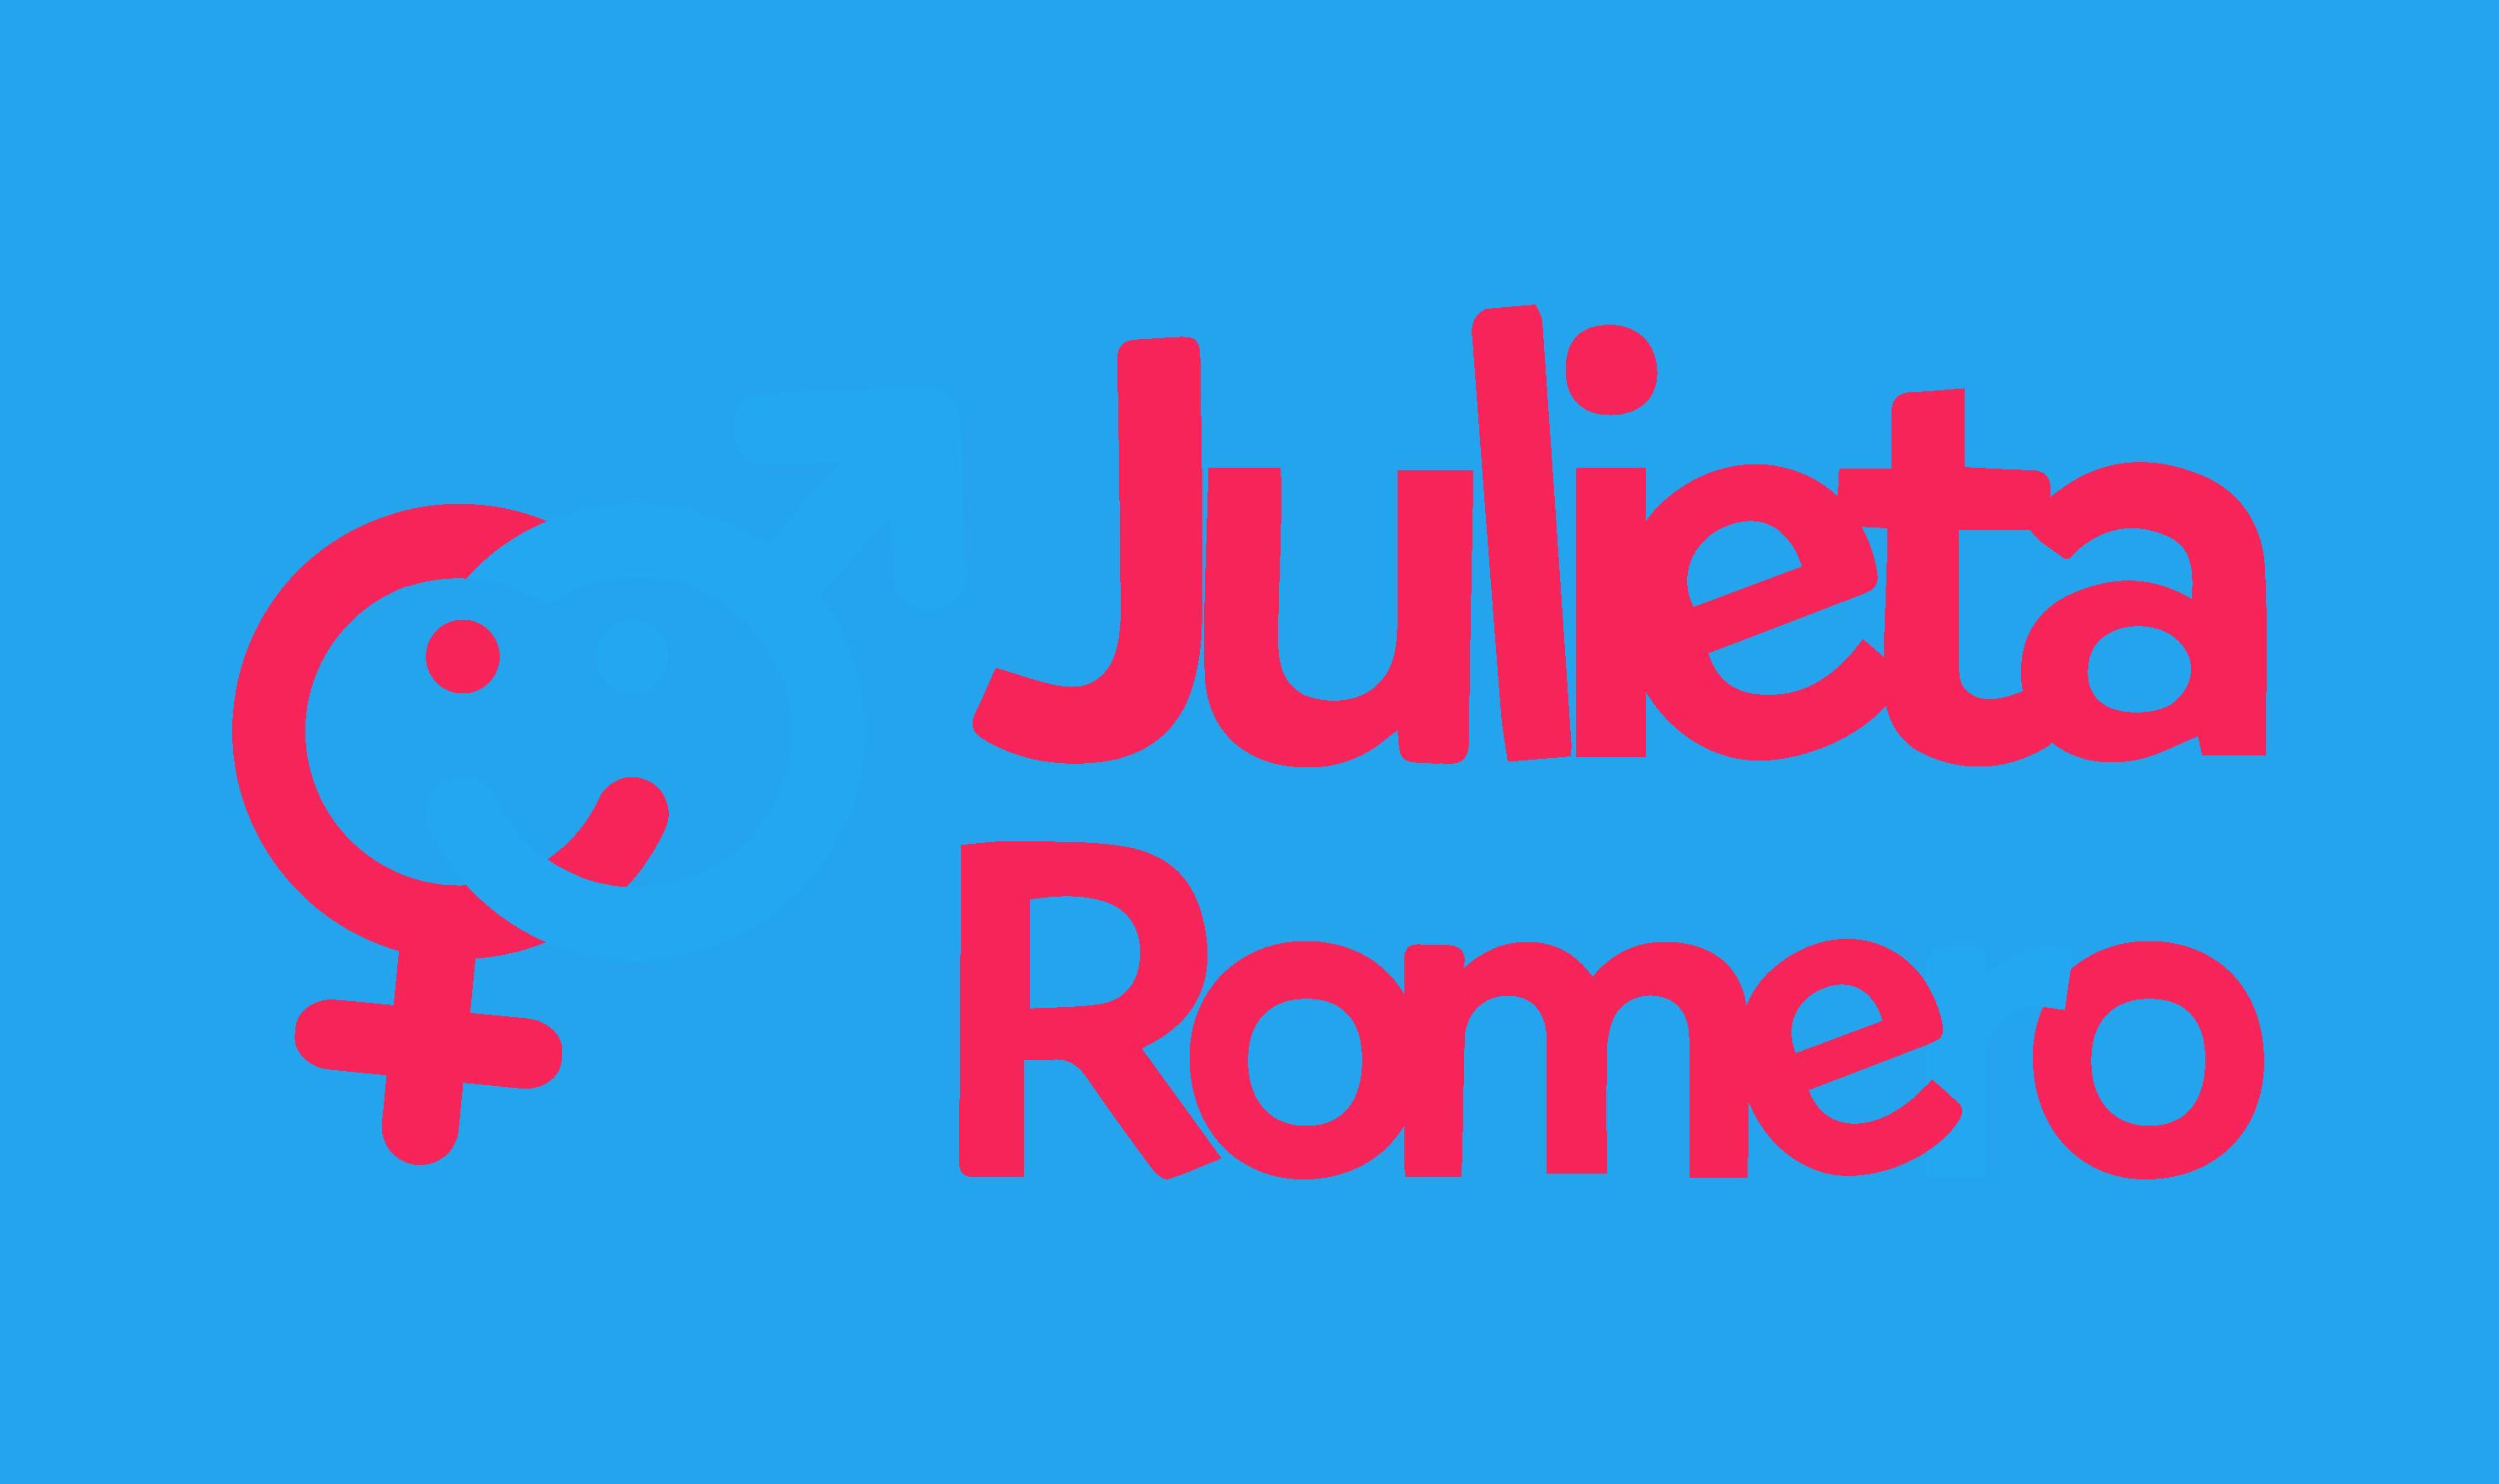 Julieta Romero